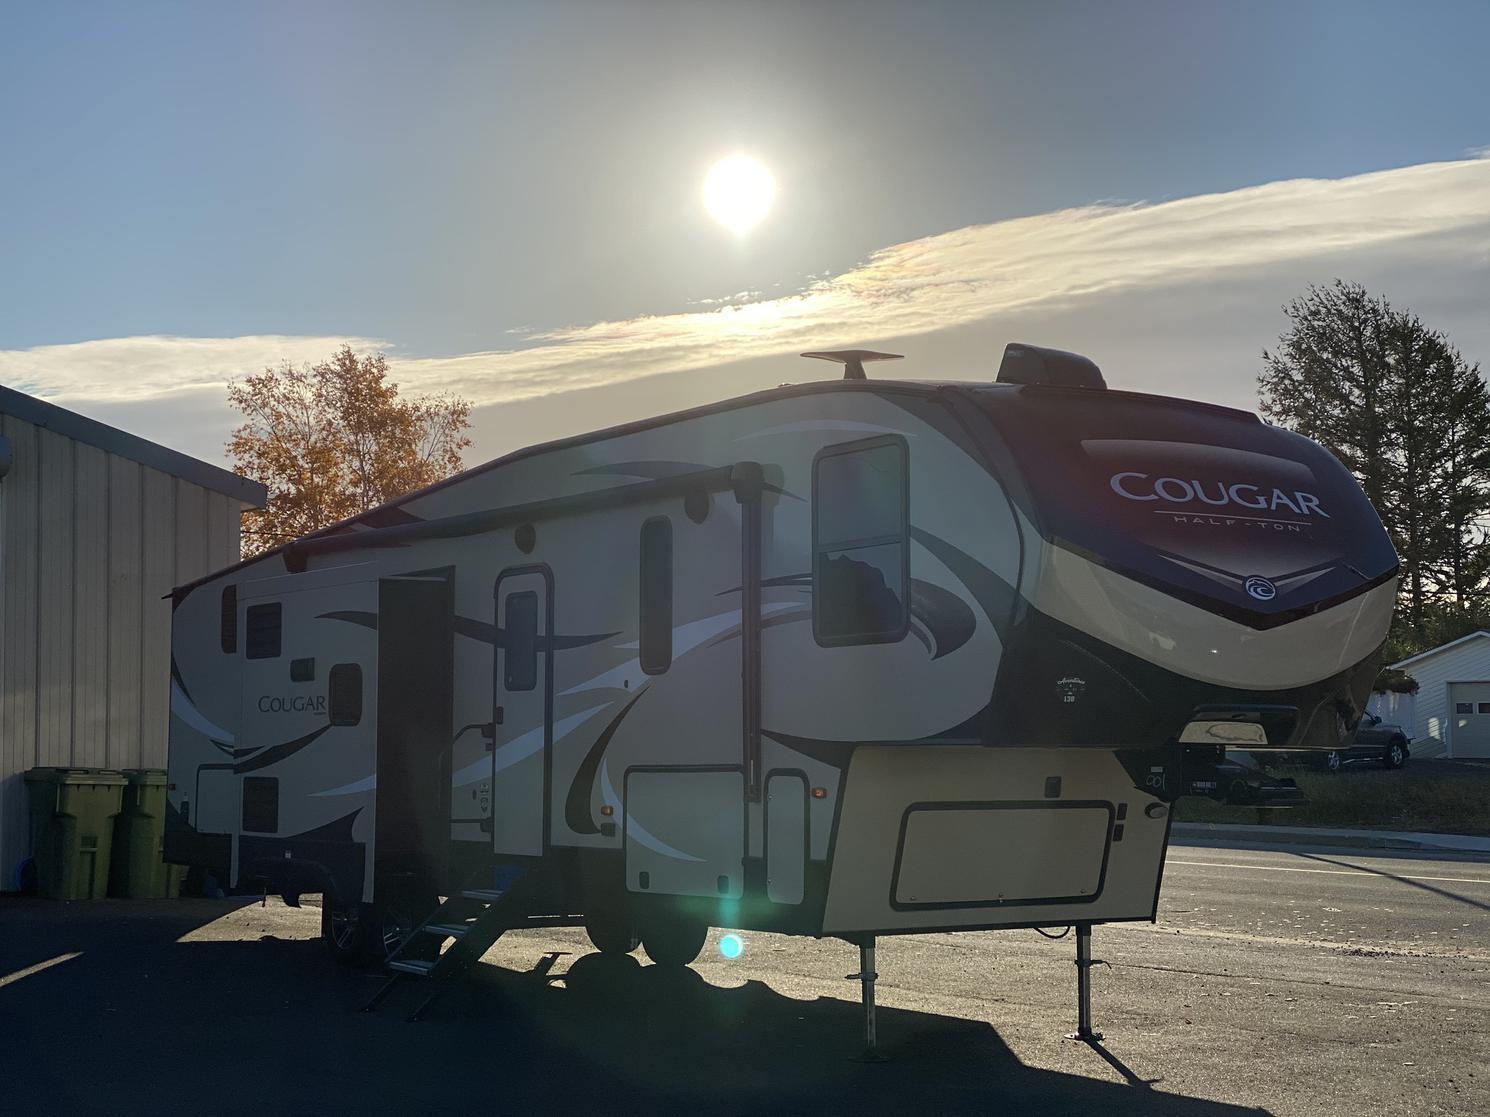 2019 KEYSTONE Cougar 32DBH